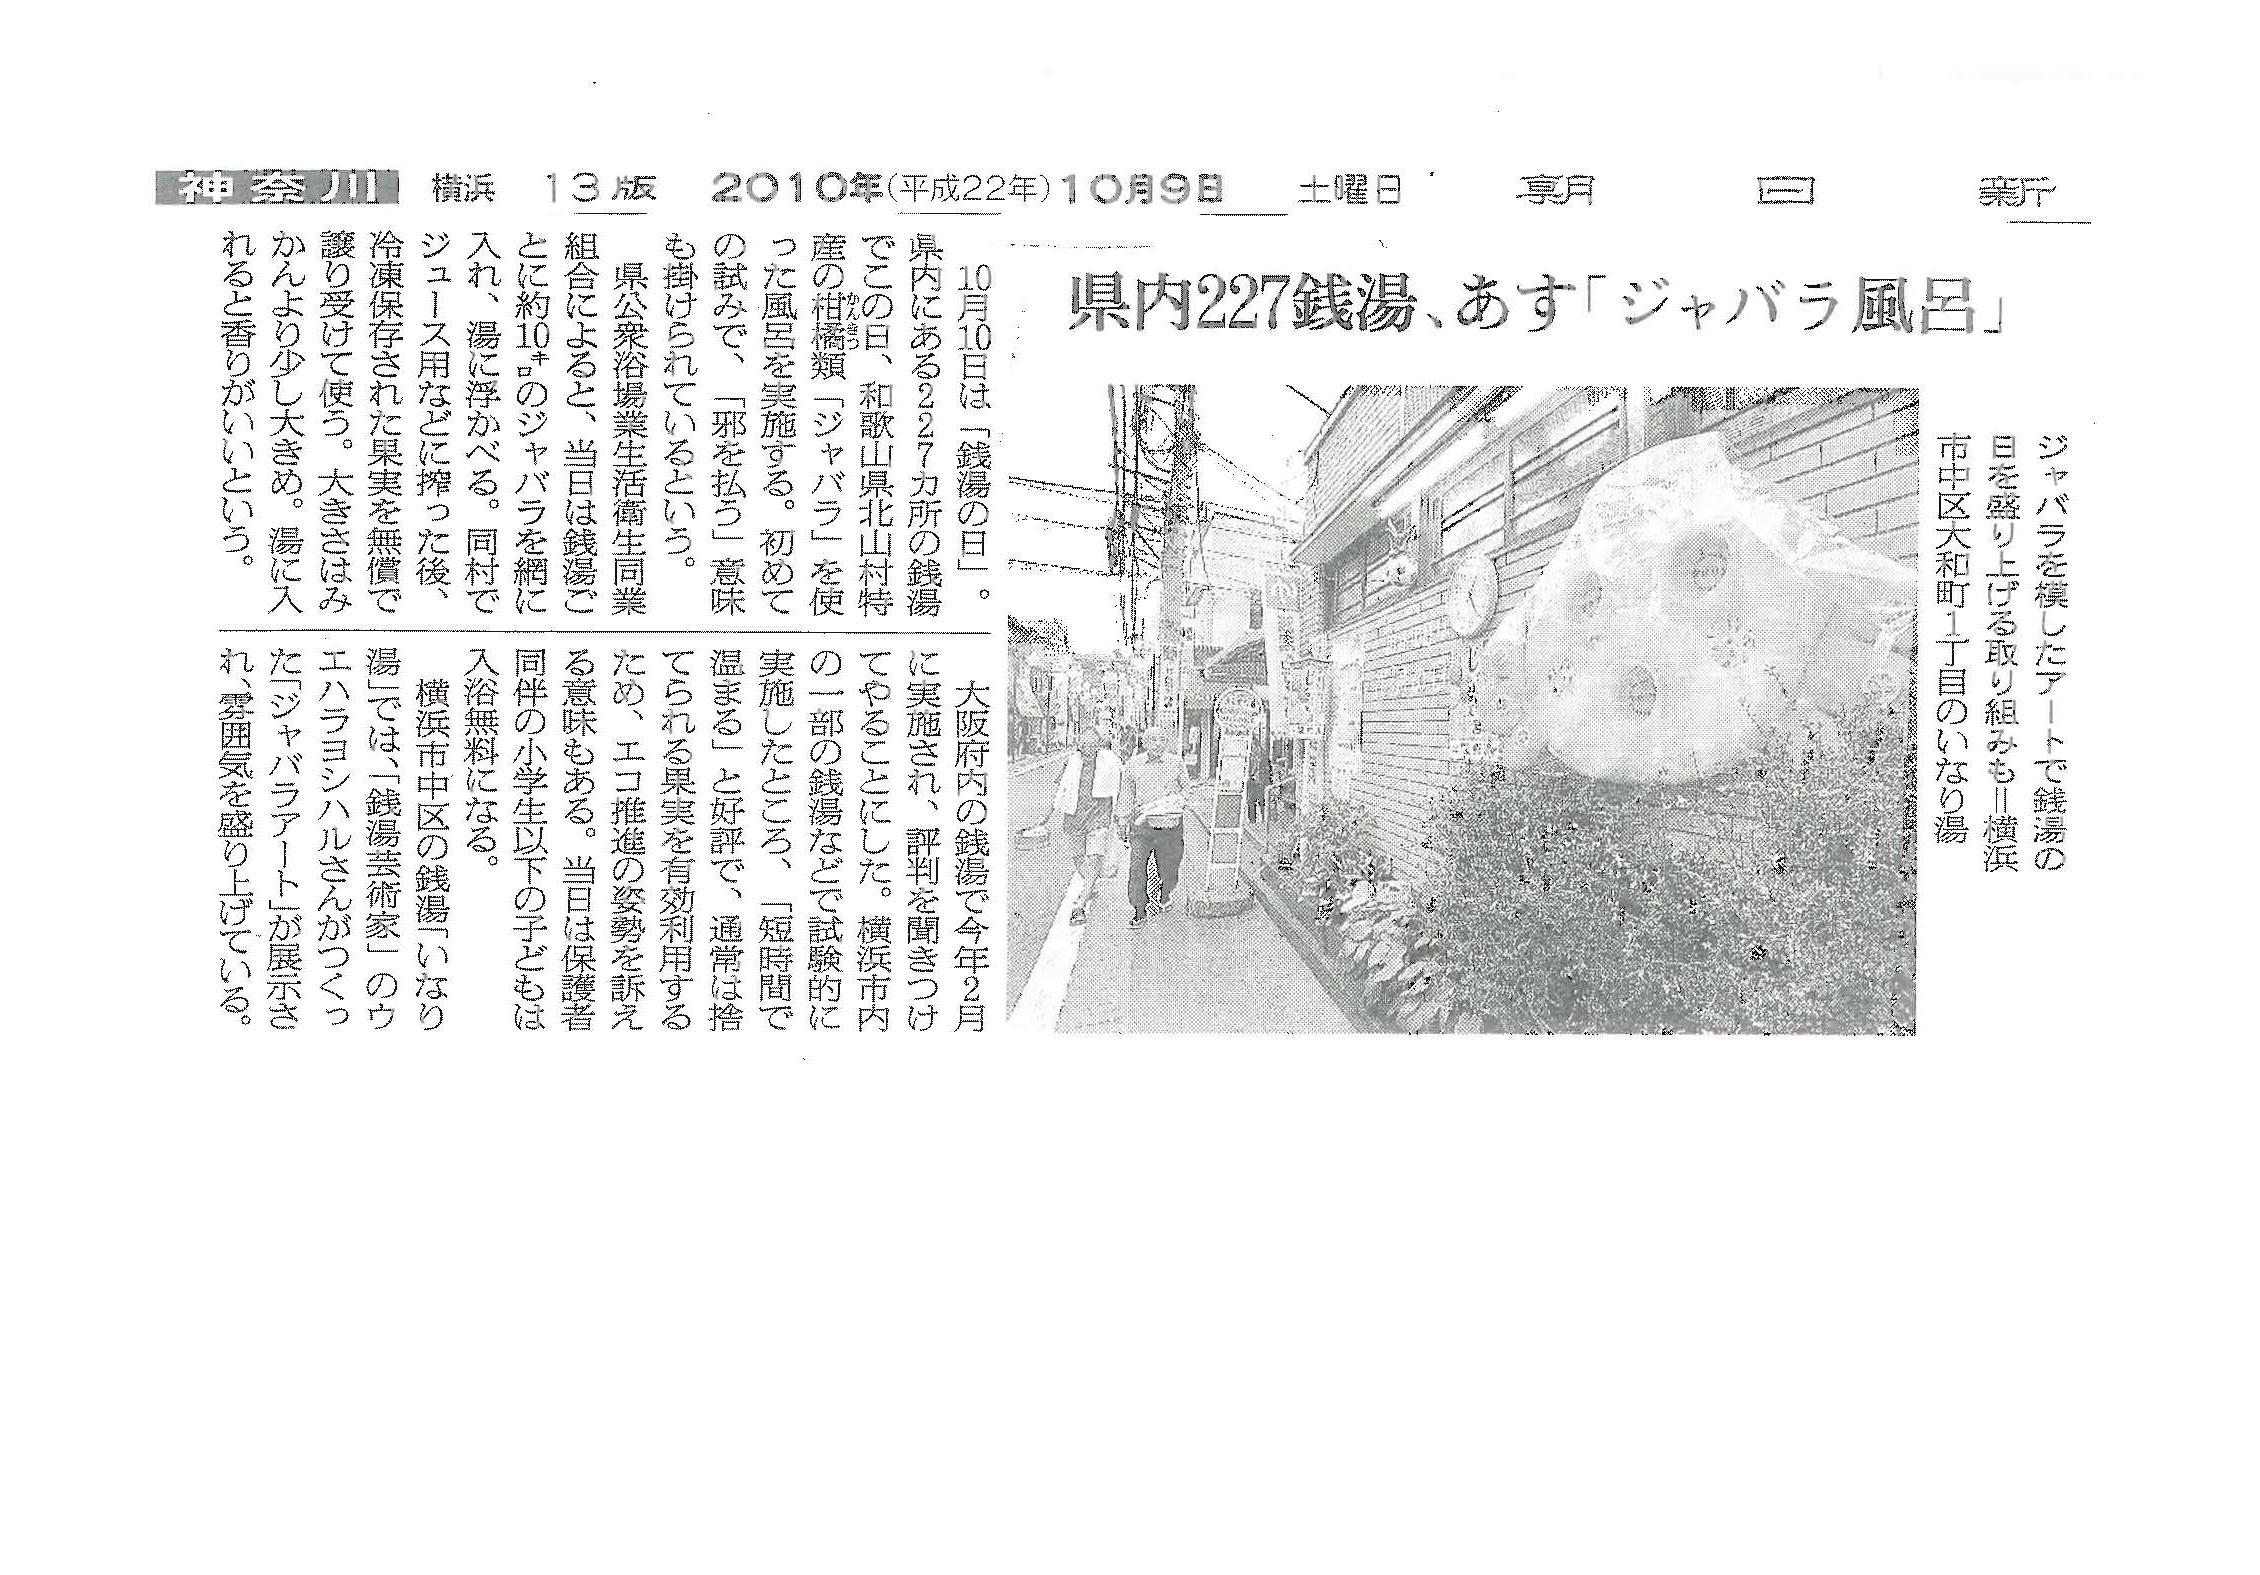 http://k-o-i.jp/entry-image/20101012154711287.jpg